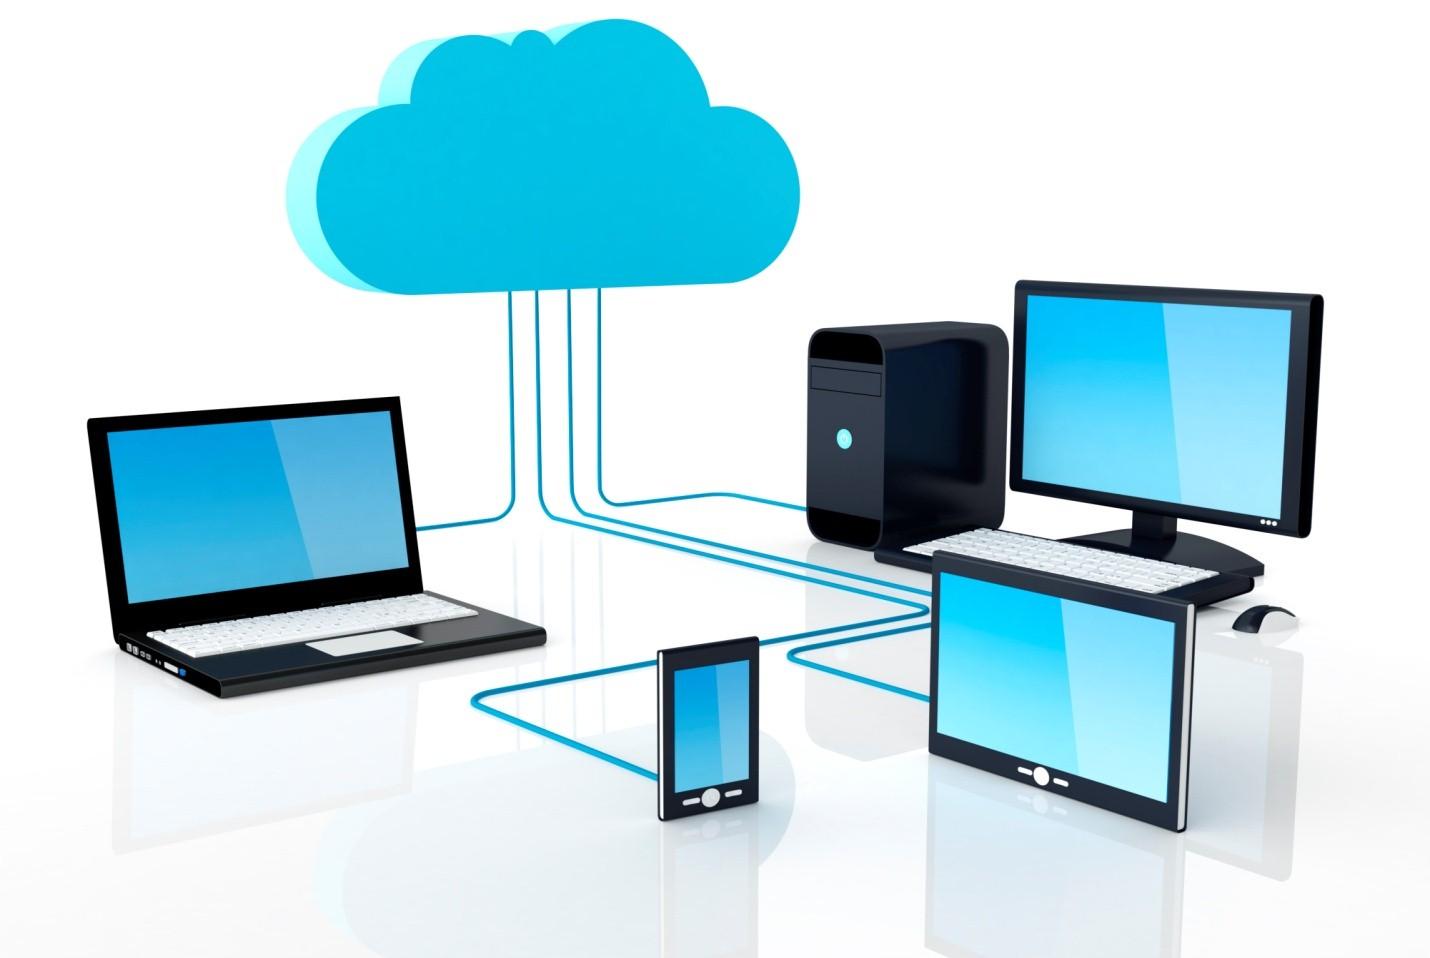 Хостинг дёшево надёжно скачать самый защищенный виртуальный сервер